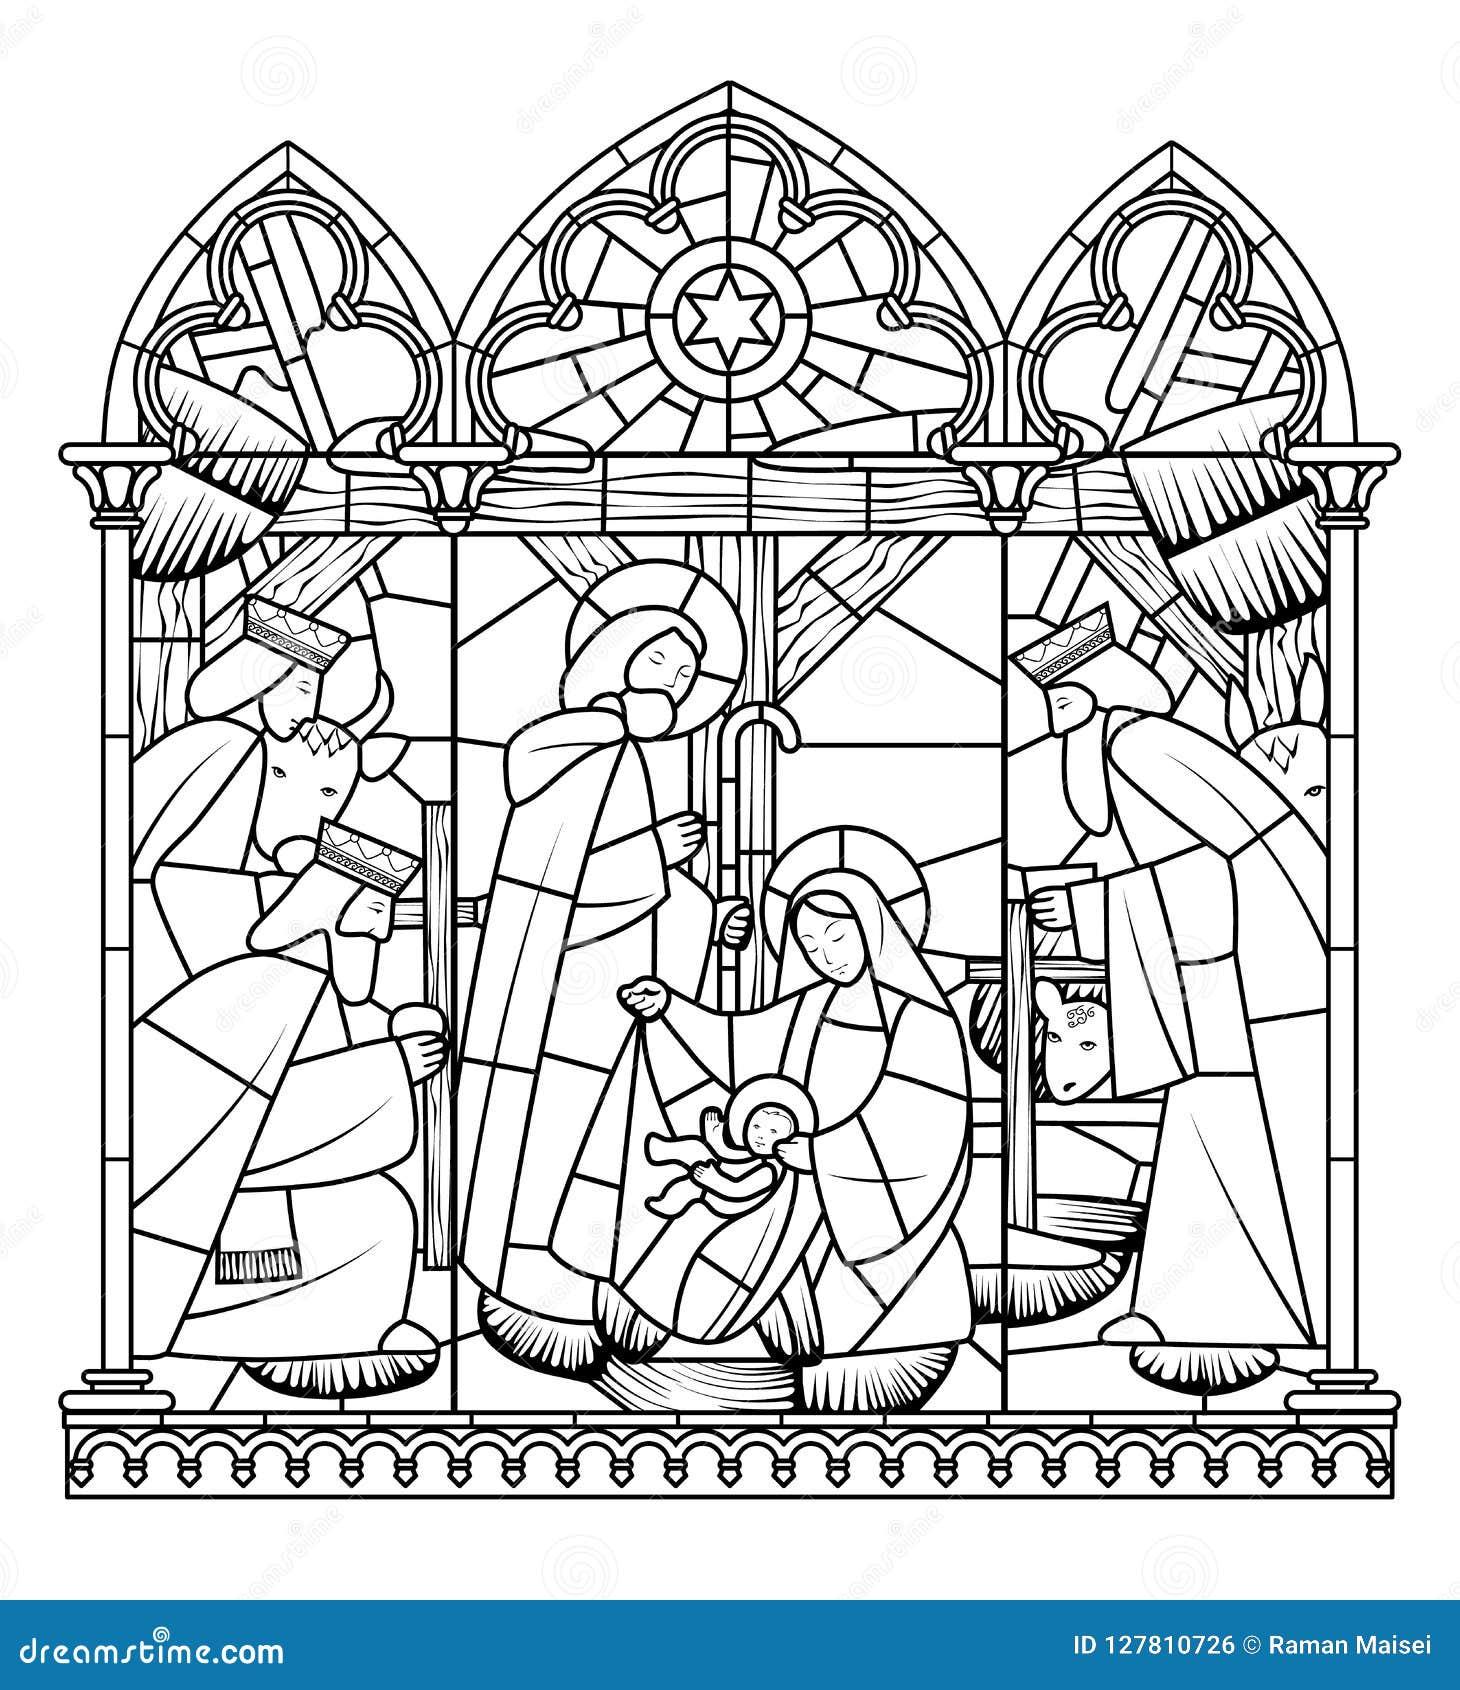 Disegno Lineare Della Nascita Della Scena Di Jesus Christ Nel Telaio